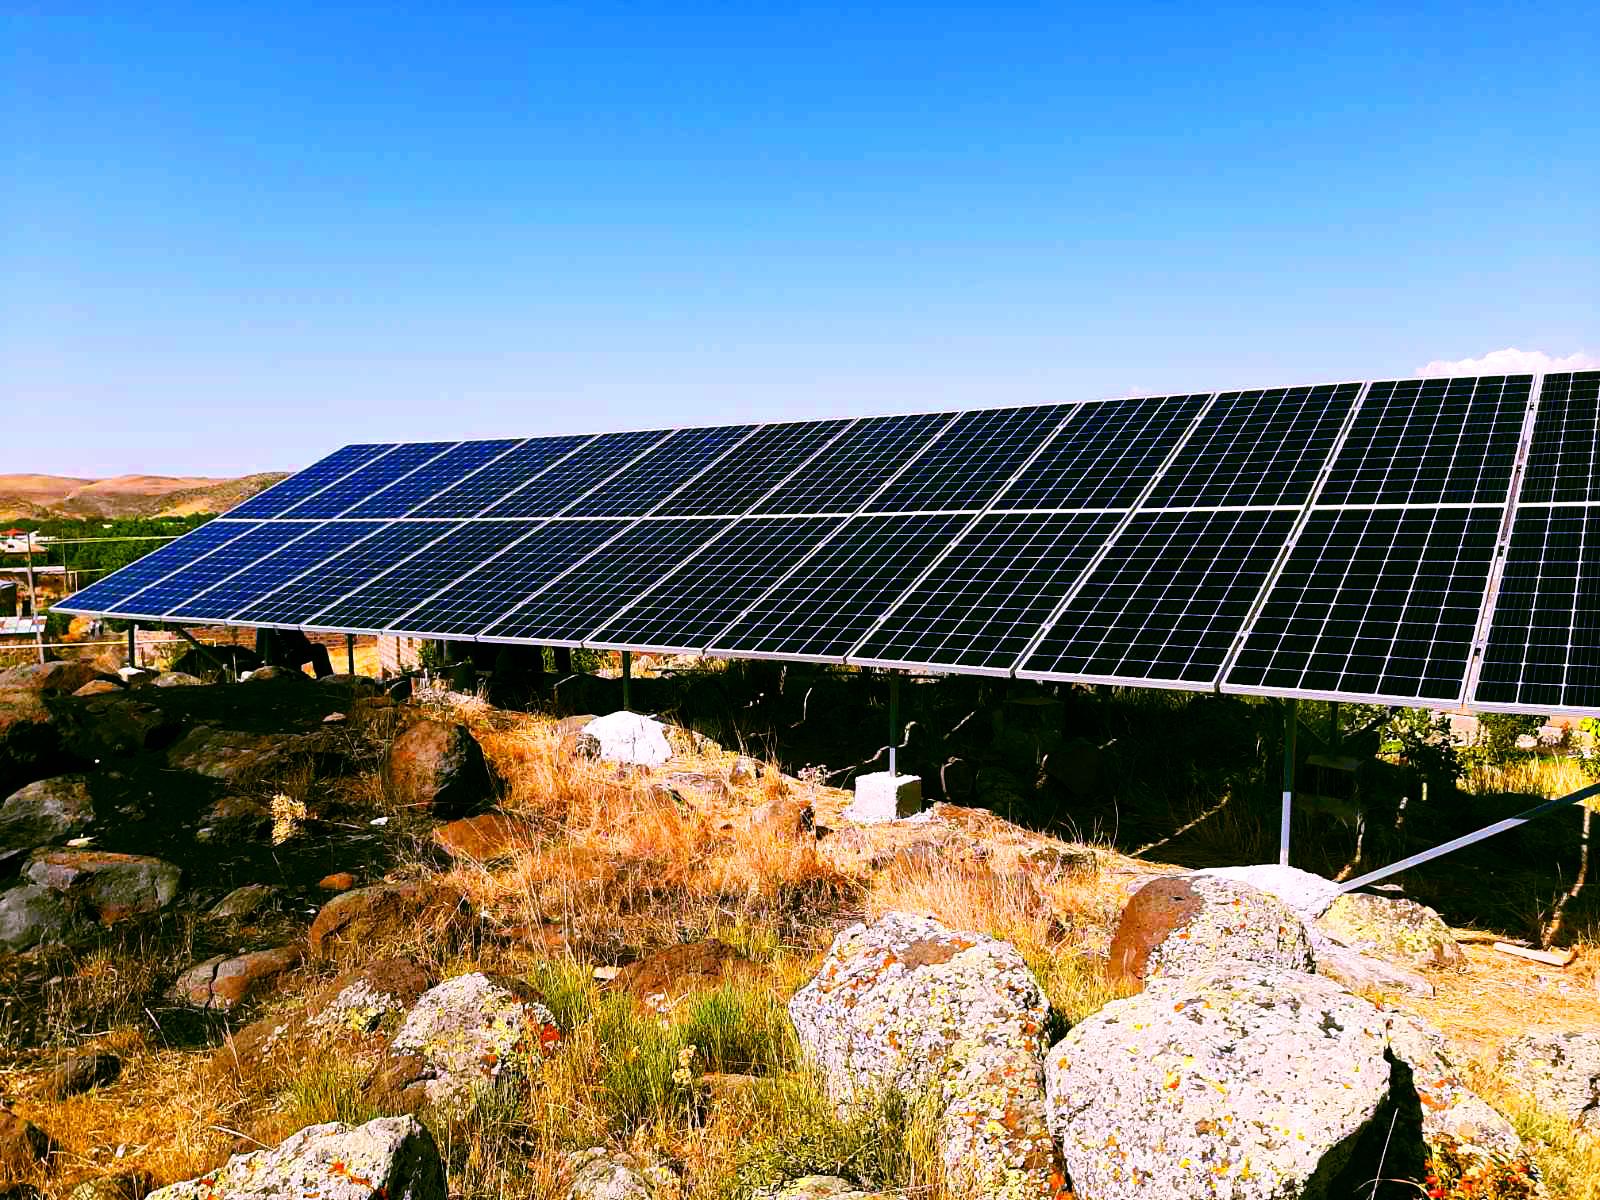 Արևային համակարգեր Թալին համայնքում